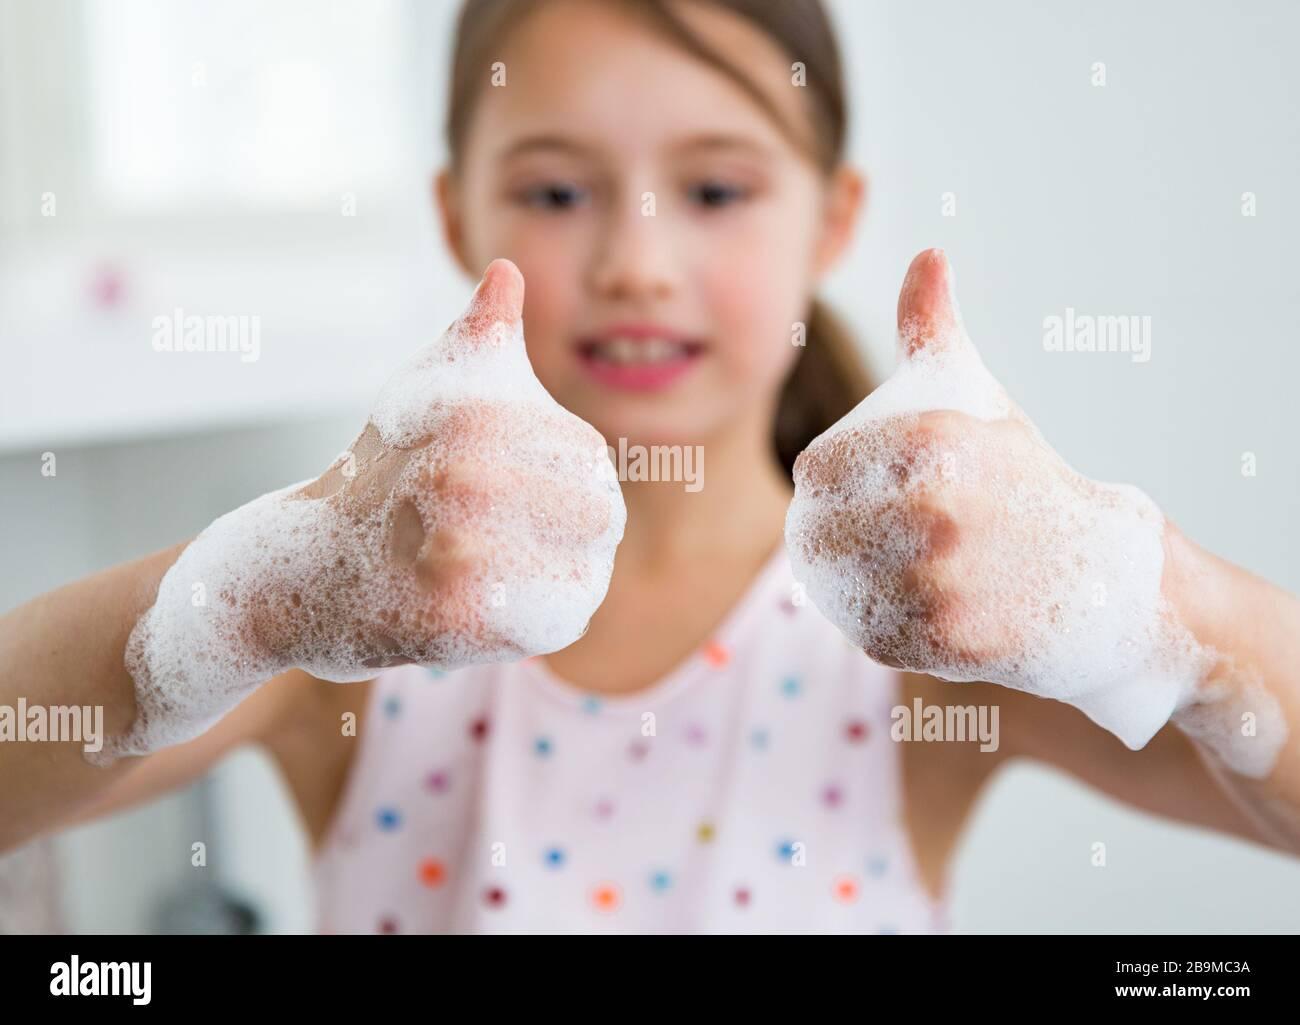 Niña que se lava las manos con agua y jabón en el baño. Niño mostrando un aprobado. Higiene de las manos y prevención de infecciones por virus. Foto de stock